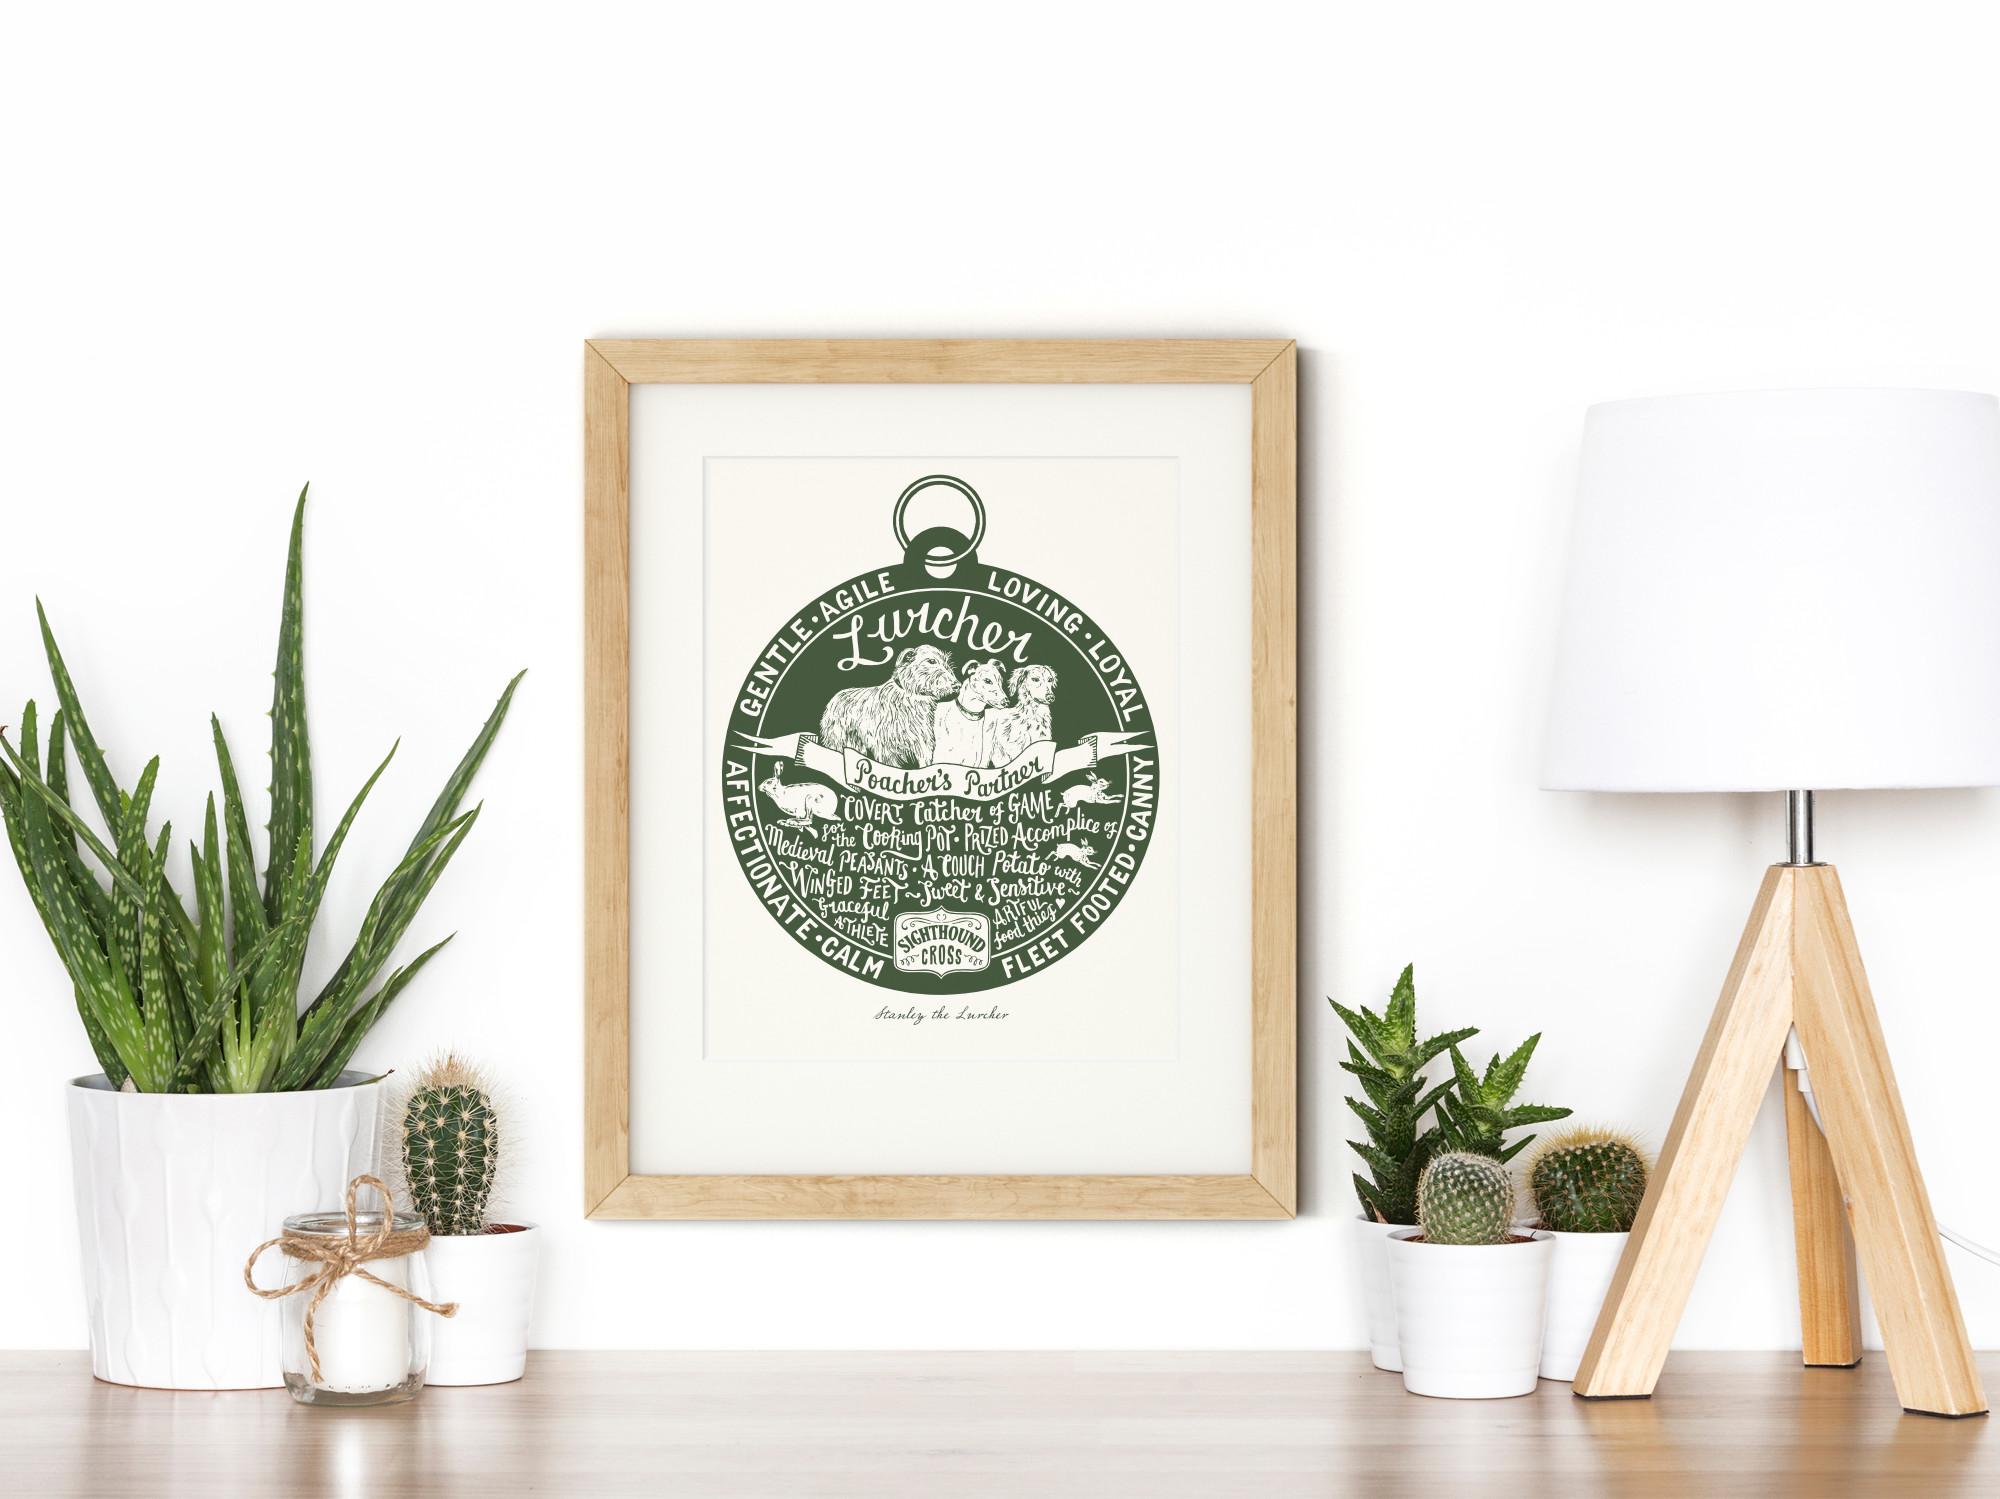 Lurcher Sighthound Art Print | The Enlightened Hound